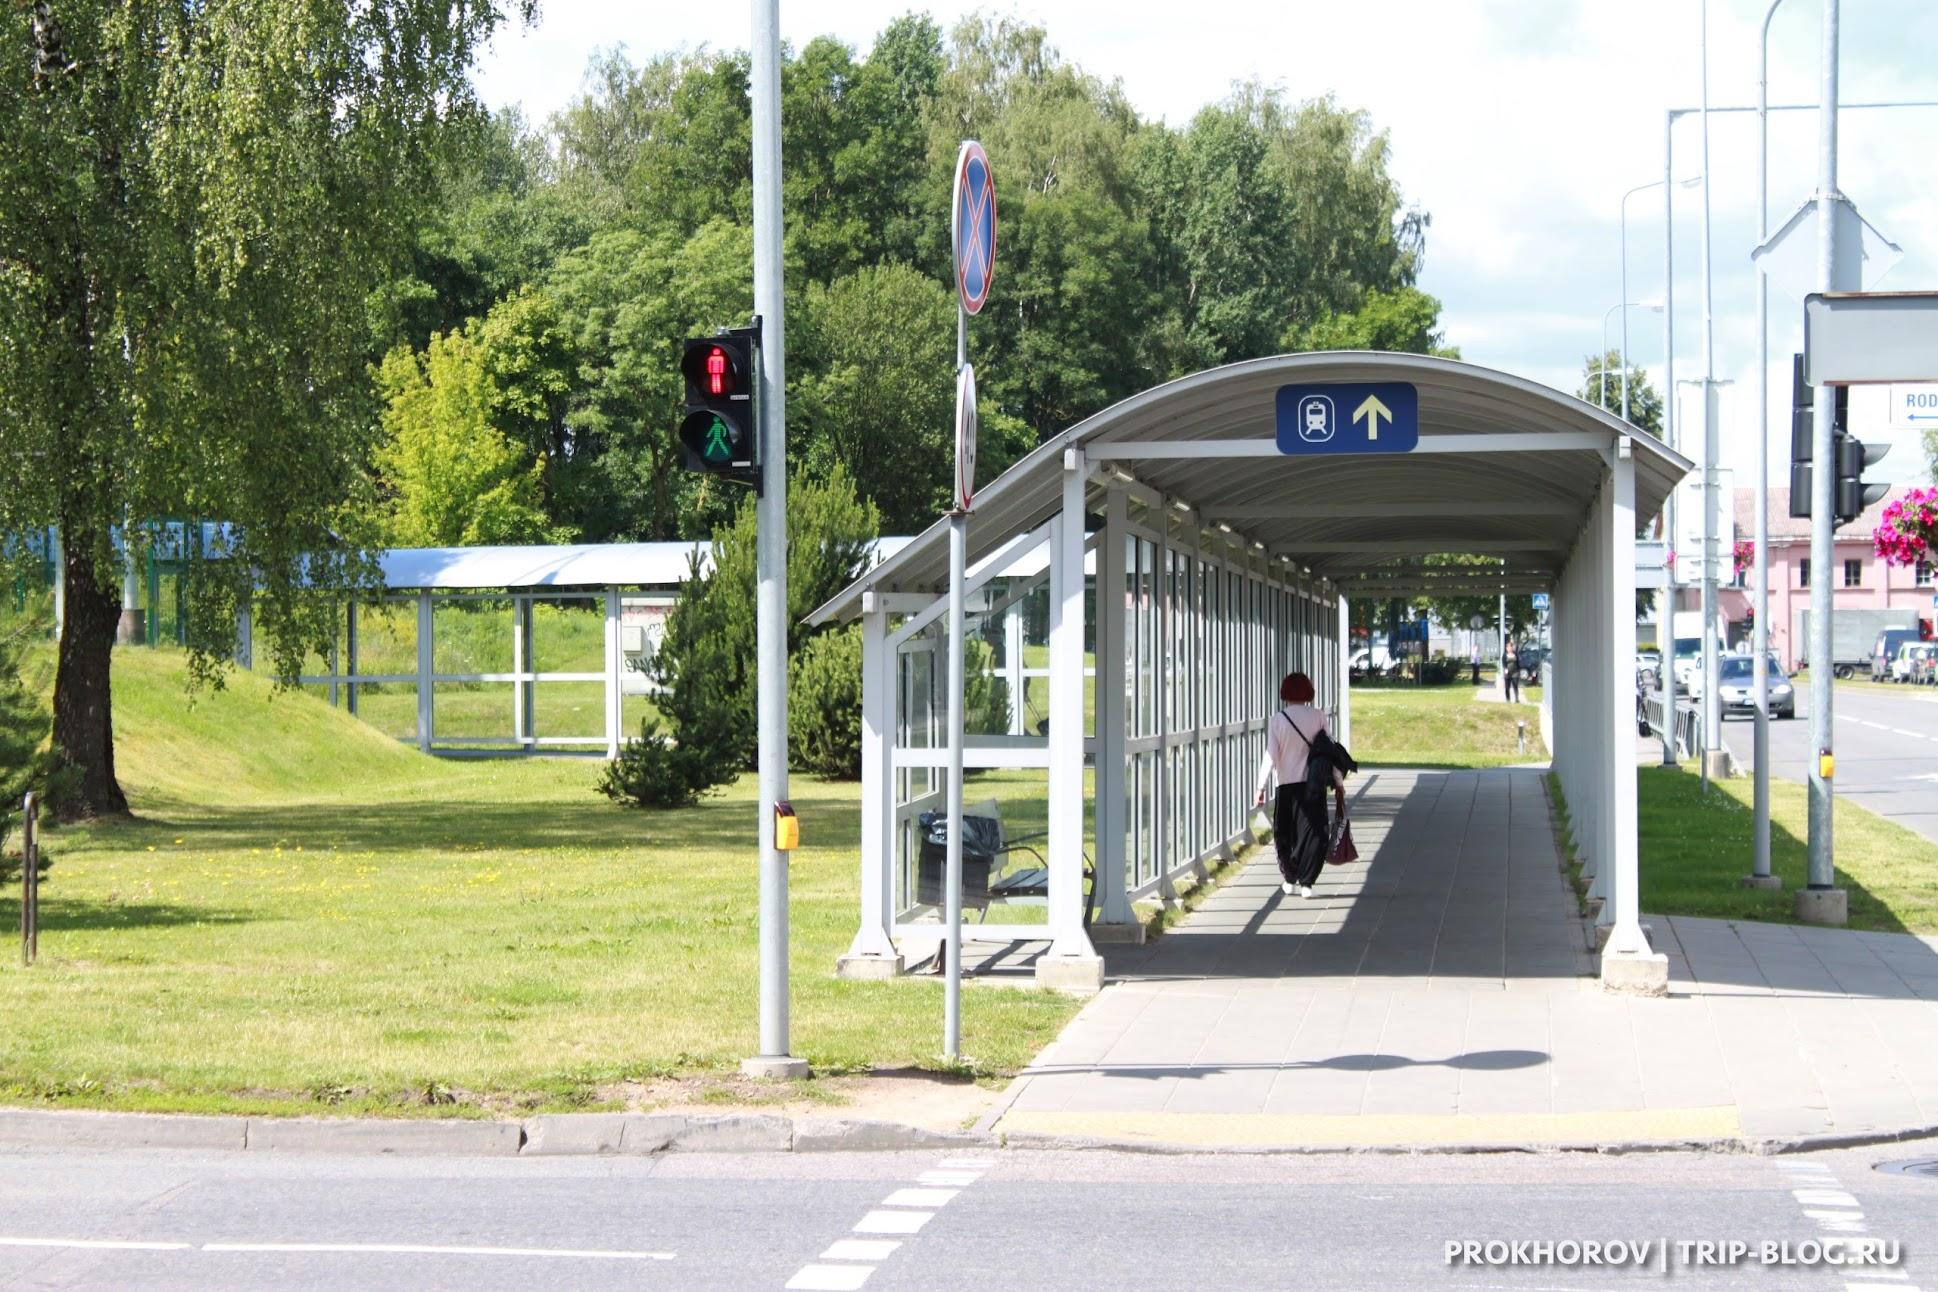 как добраться до города из аэропорта Вильнюса по железной дороге